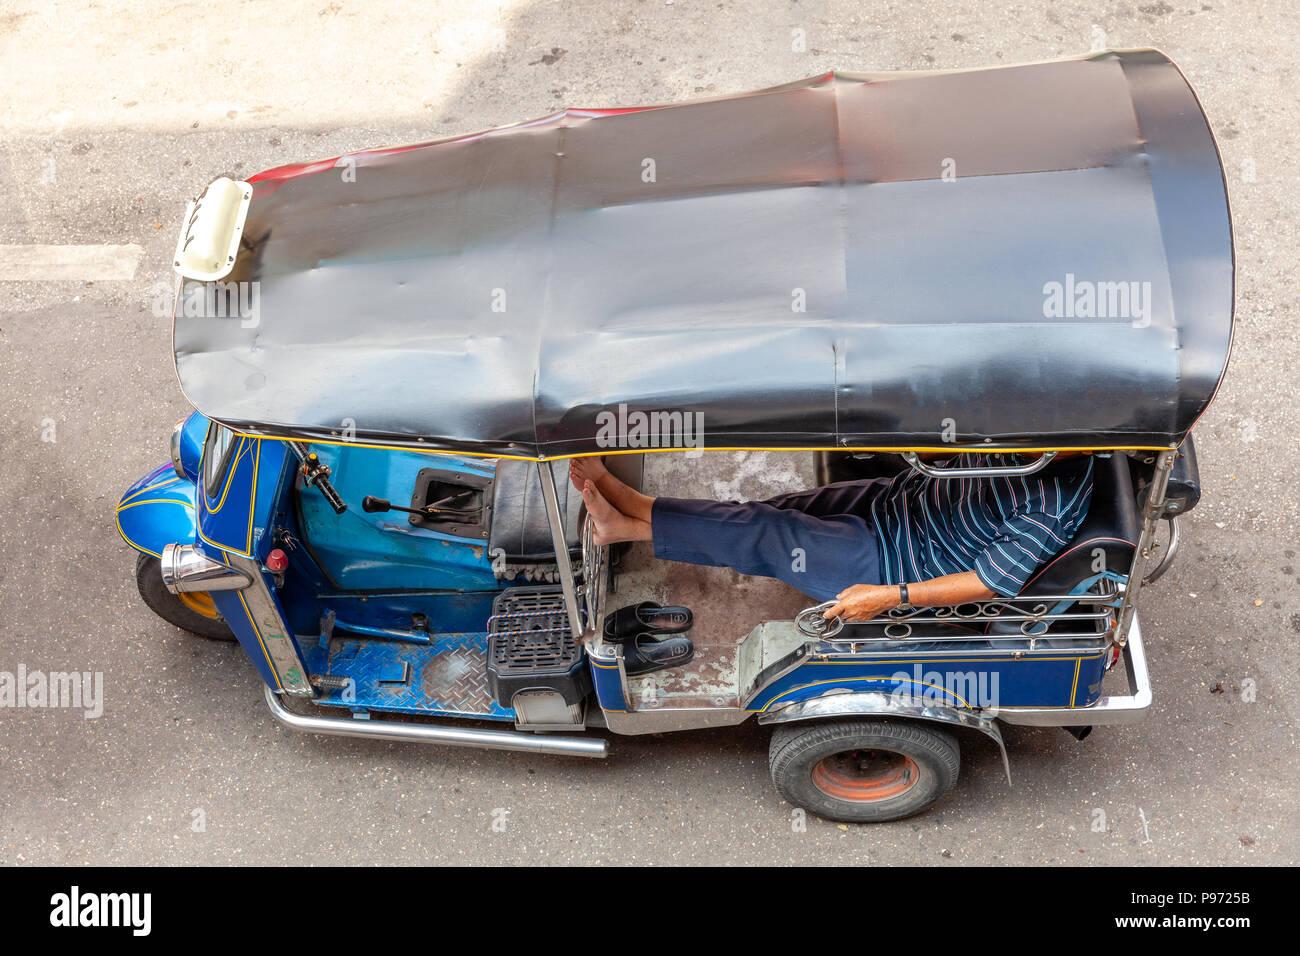 Un tuk-tuk driver attende i clienti sulla strada di Chiang Mai, Thailandia. Immagini Stock